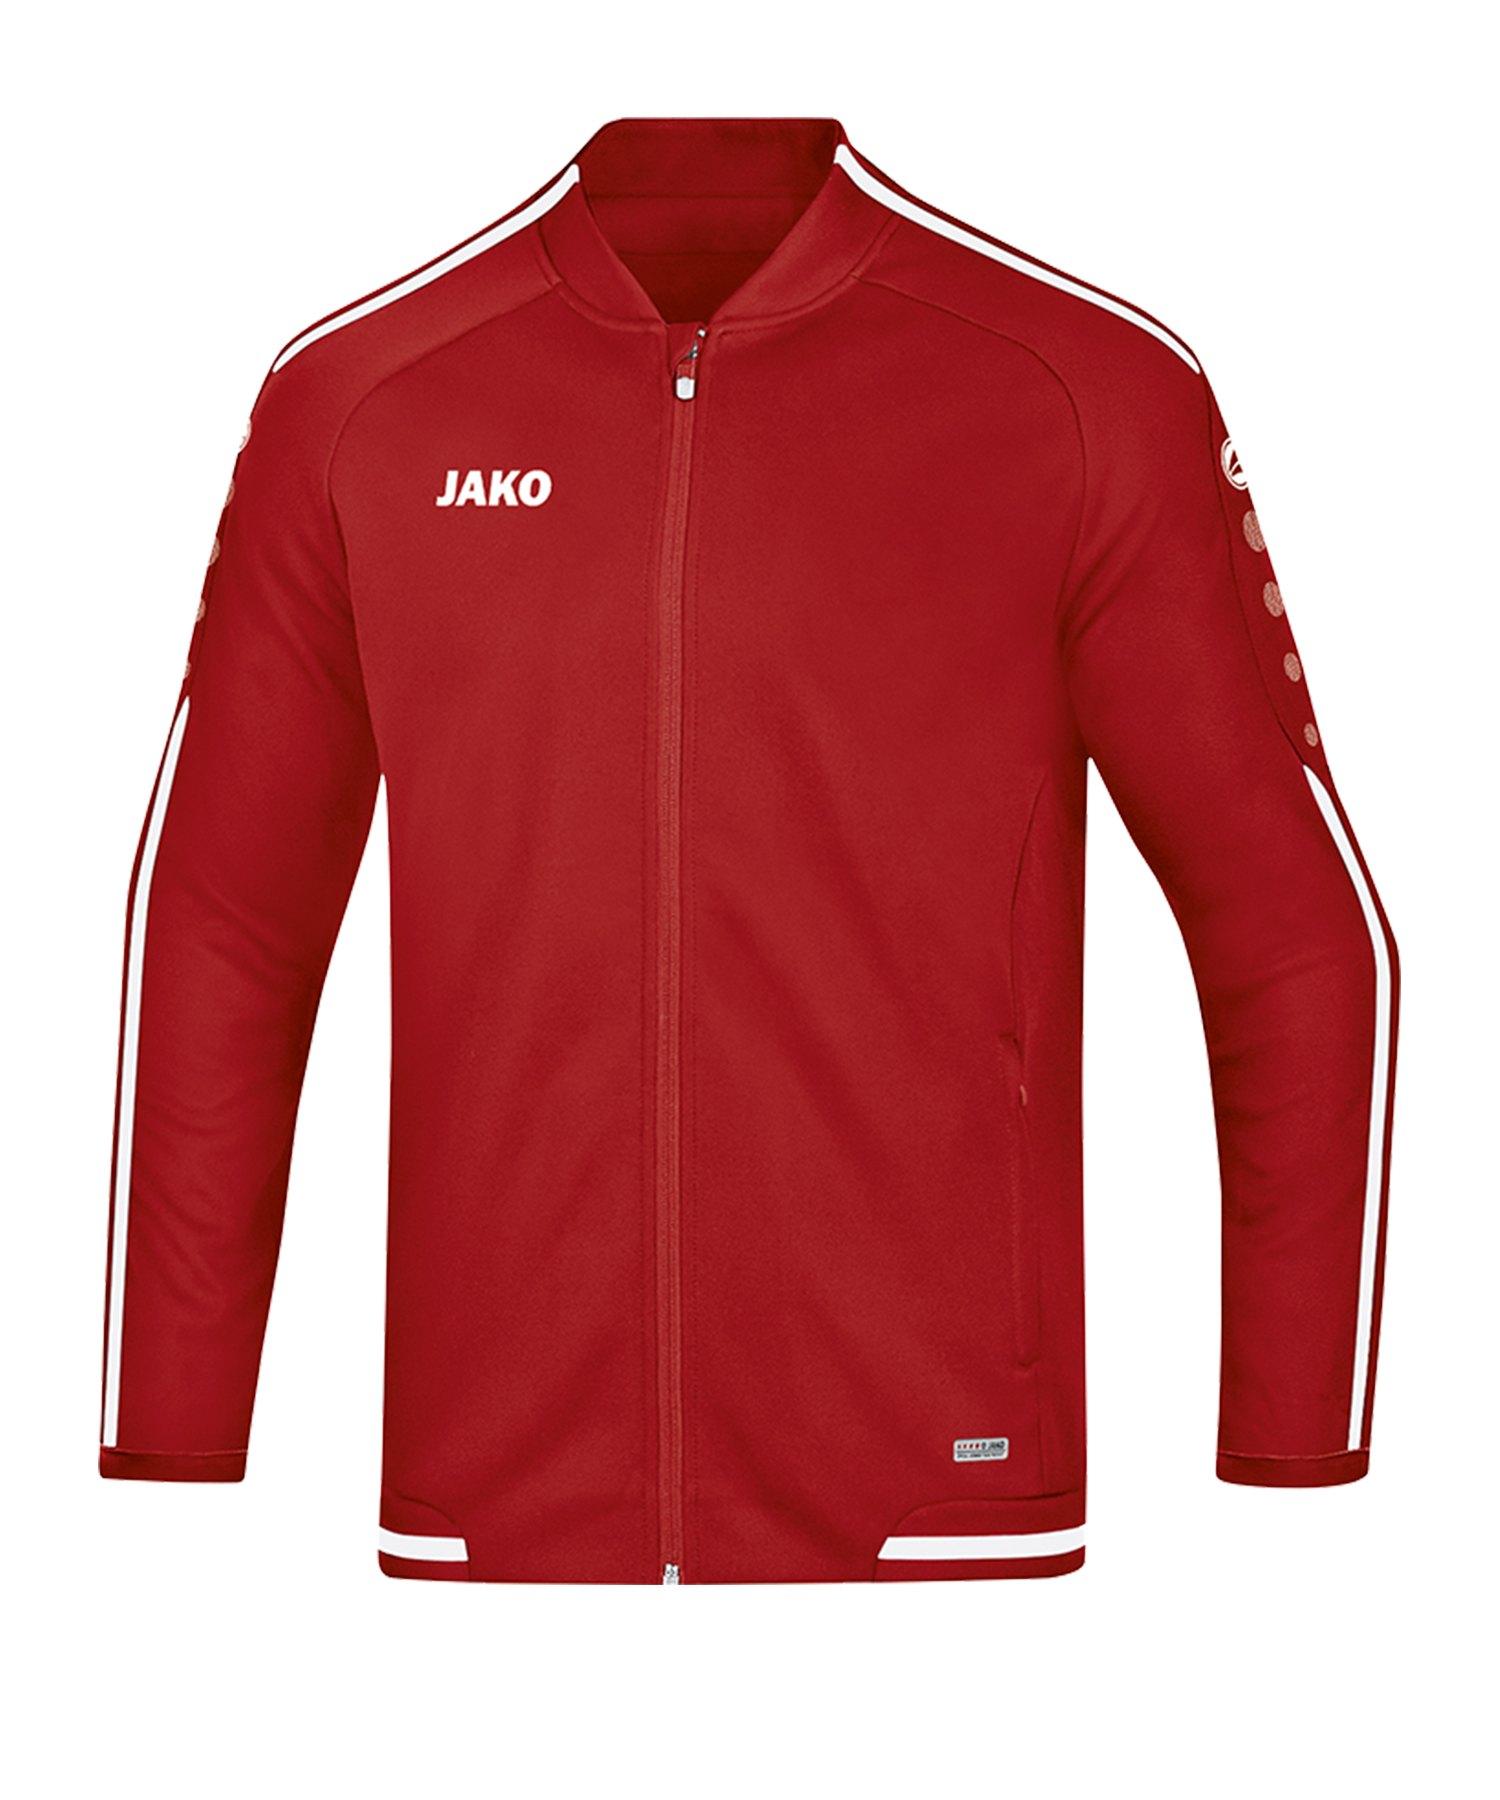 Jako Striker 2.0 Freizeitjacke Damen Rot Weiss F11 - Rot